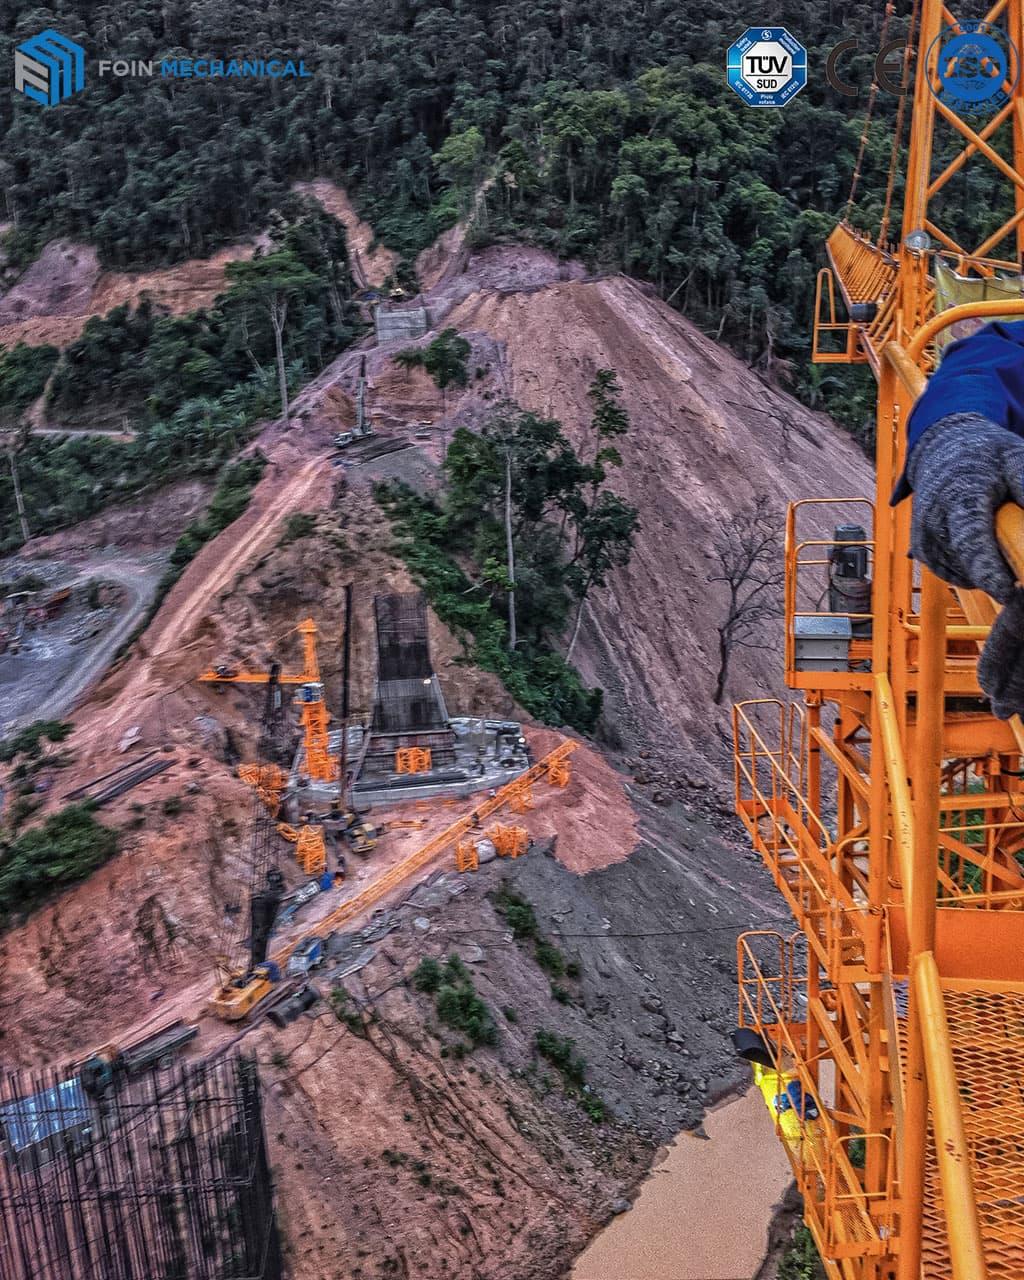 Cẩu-tháp-đầu-chóp-đang-lắp-đặt-ở-công-trình-thủy-điện